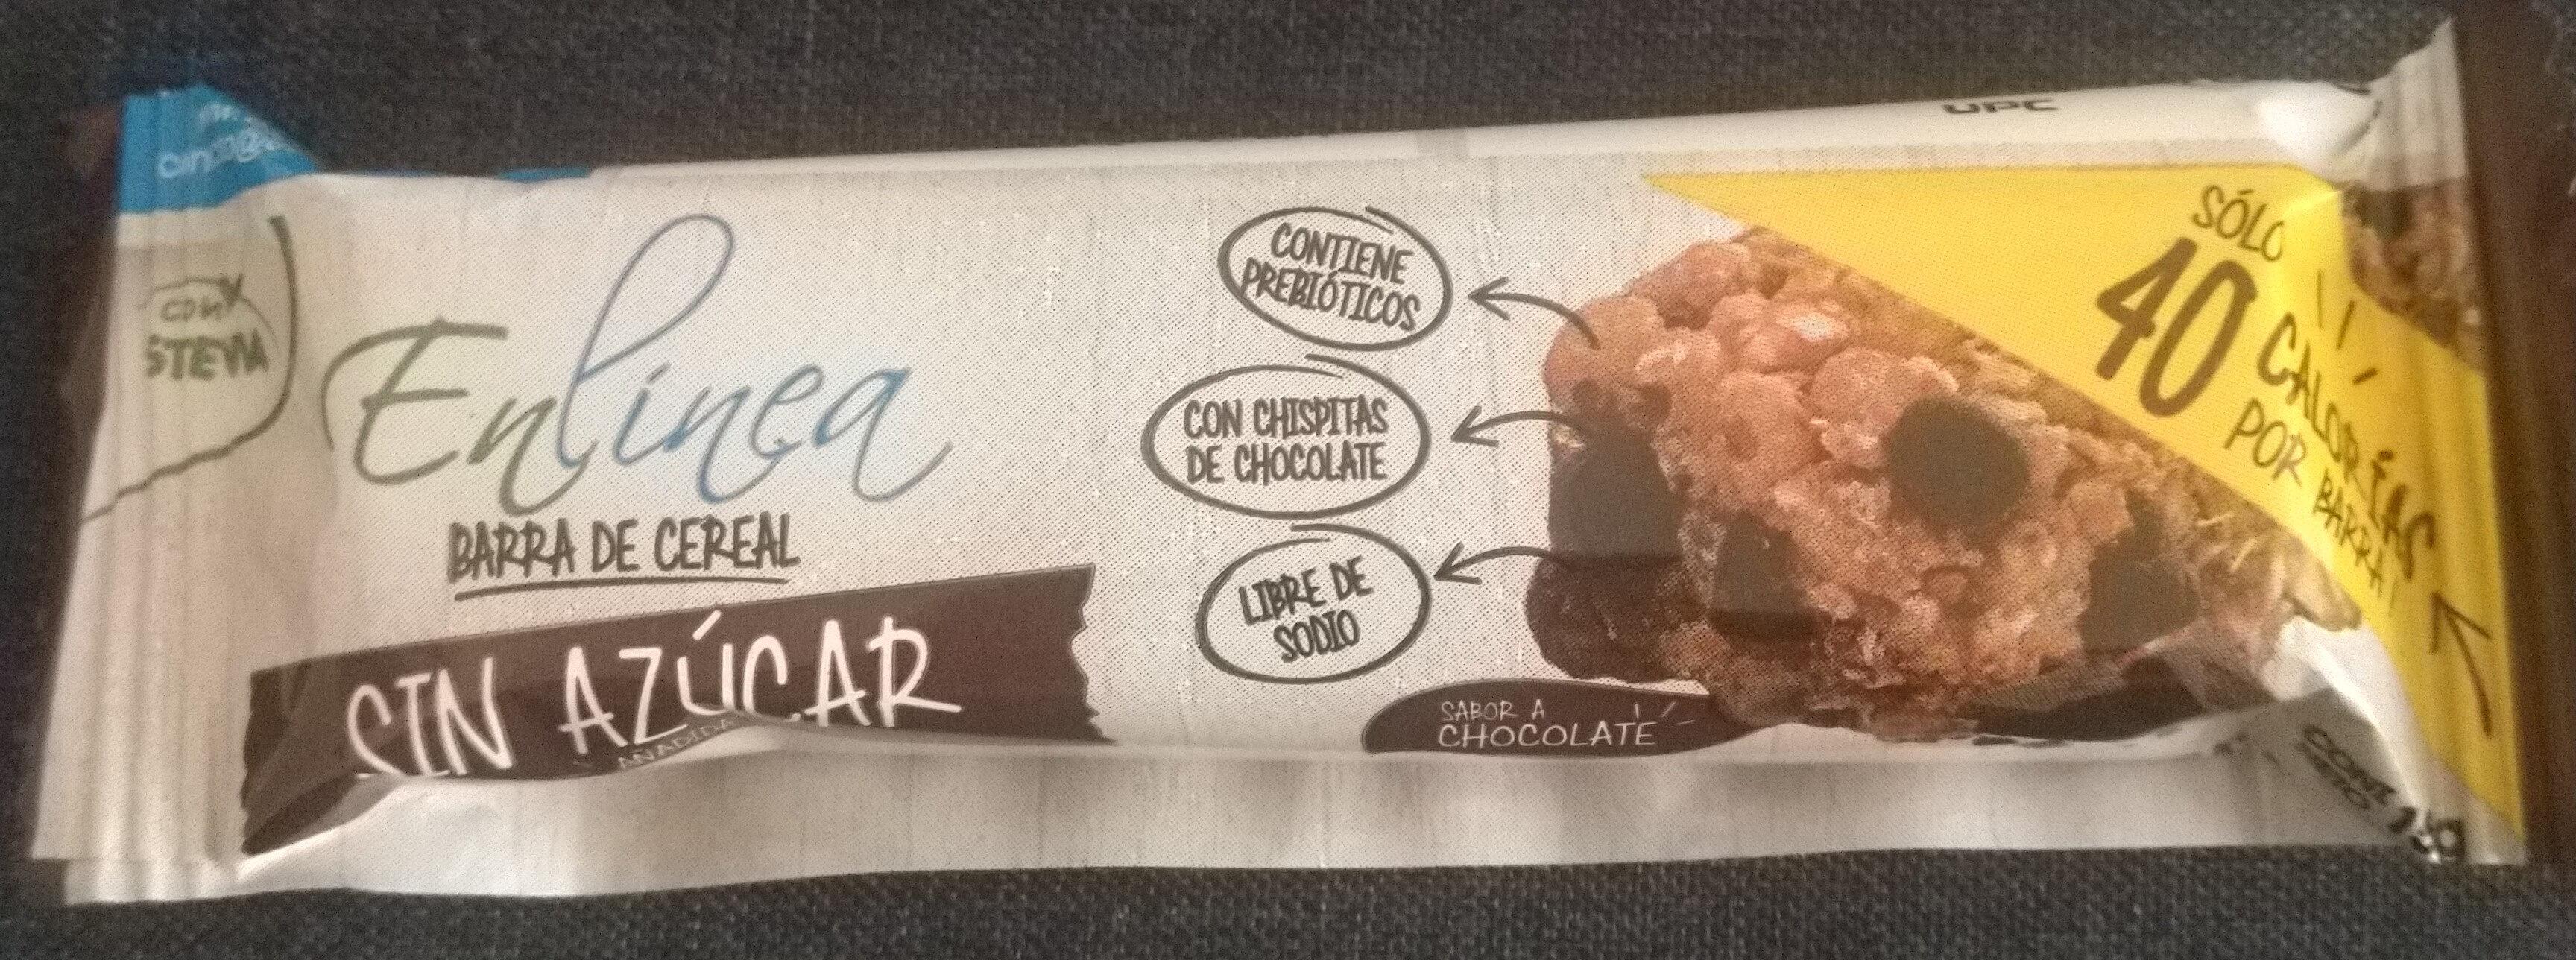 Barra de cereal En Línea Chocolate - Product - es